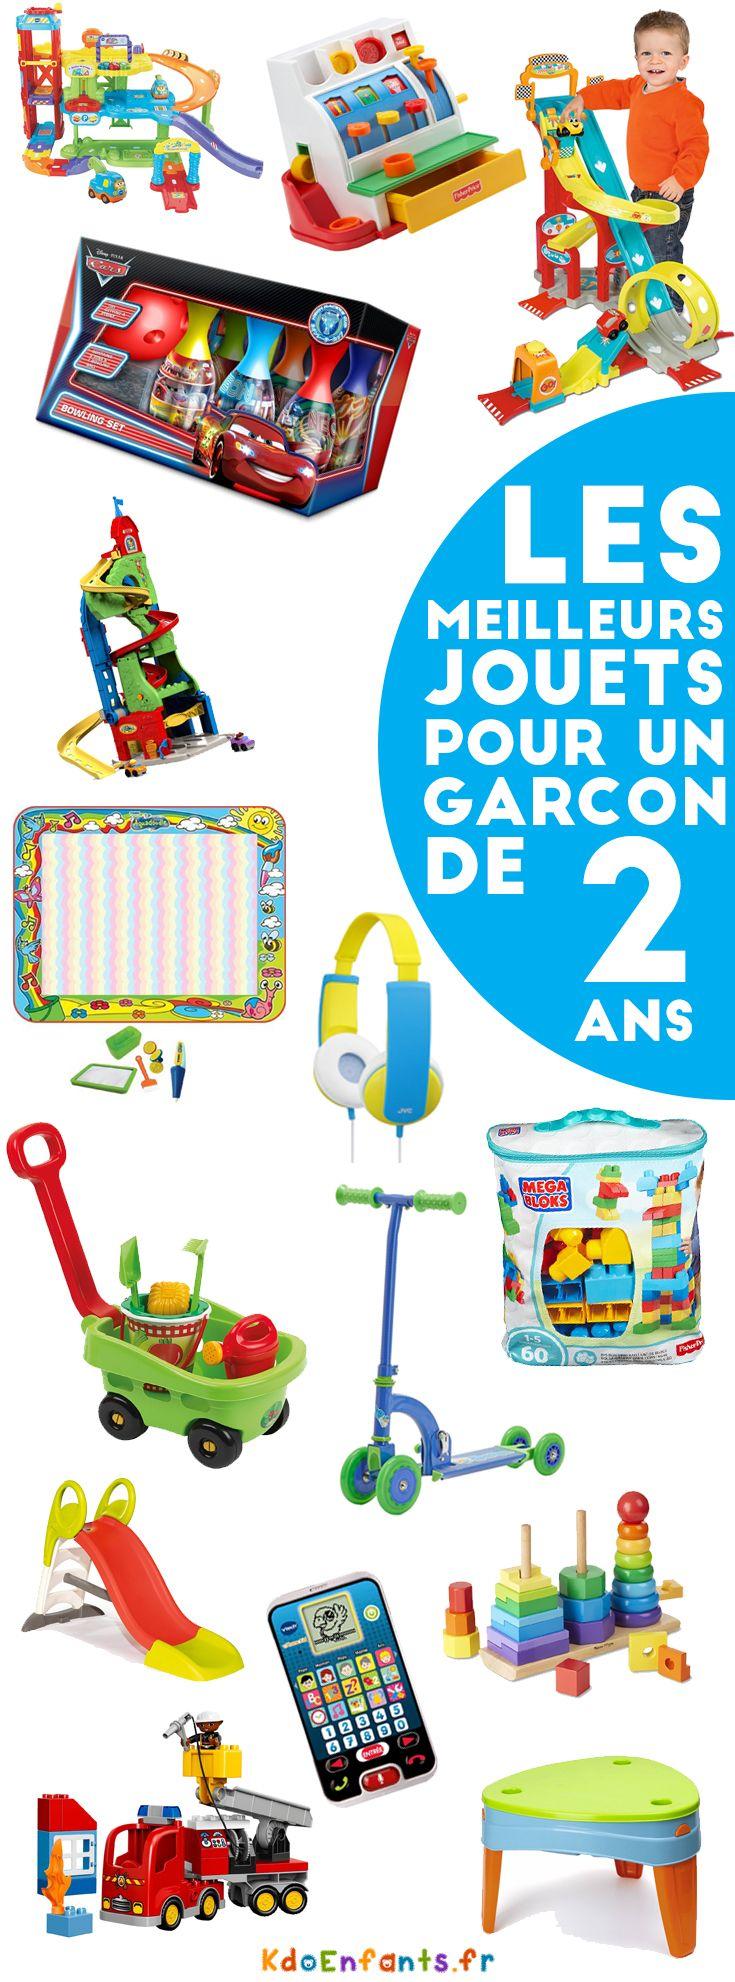 A la recherche du meilleur jouet ou idée cadeau pour un garçon de 2 ans ? Nous avons la solution ! Consultez notre liste pour être sûr de faire le meilleur cadeau qui sera parfait pour le développement de votre garçon de 2 ans !